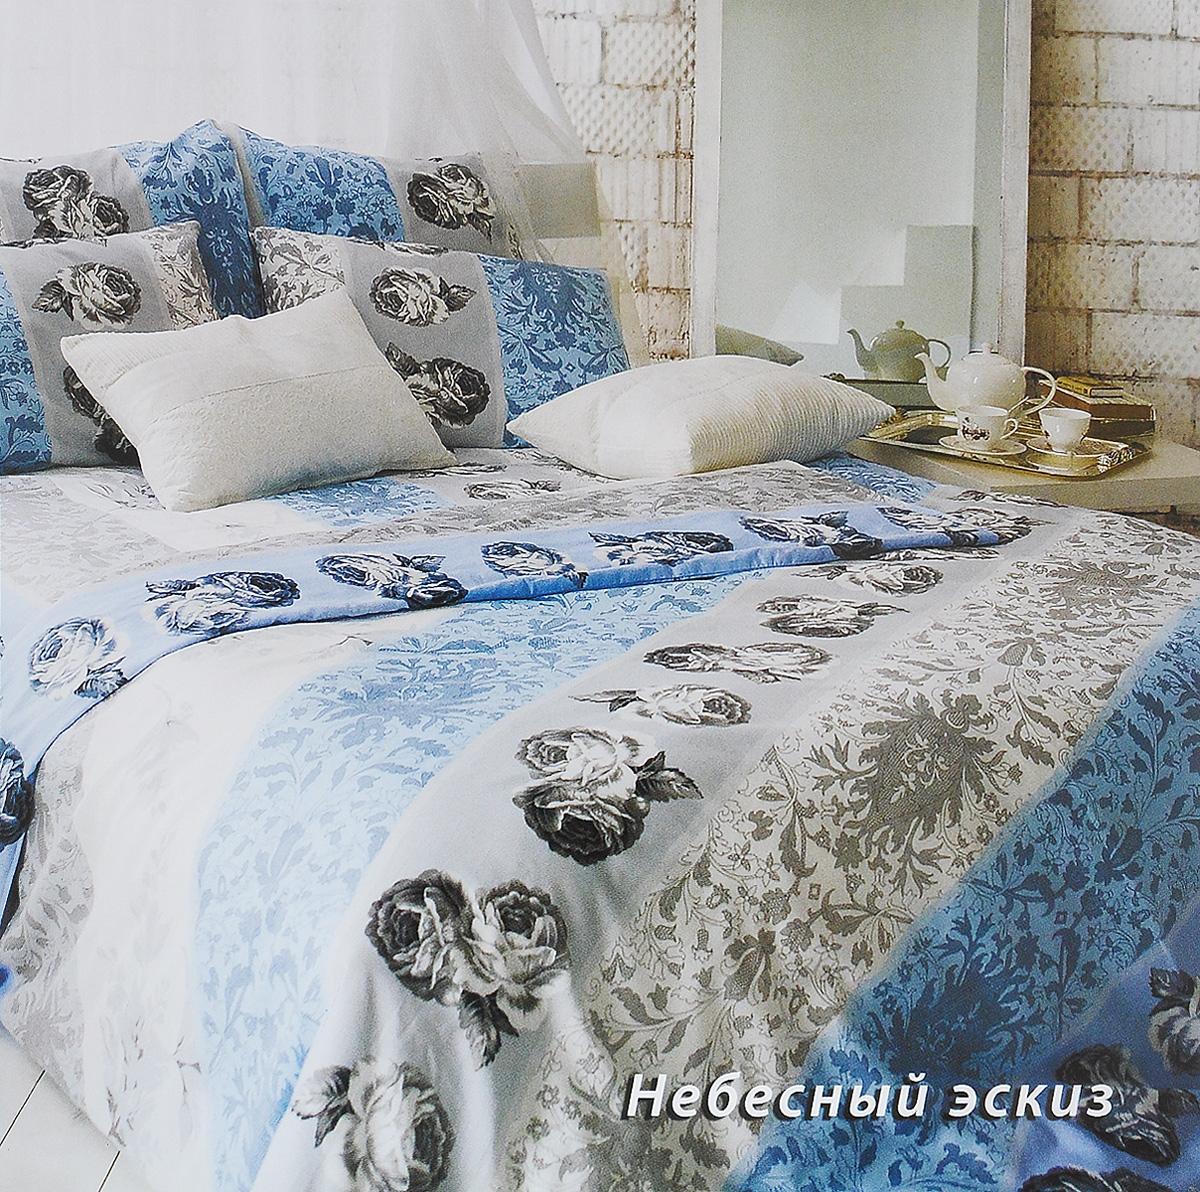 Комплект белья Tiffanys Secret Небесный эскиз, 1,5-спальный, наволочки 50х70, цвет: голубой, белый, серый2040815154Комплект постельного белья Tiffanys Secret Небесный эскиз является экологически безопасным для всей семьи, так как выполнен из сатина (100% хлопок). Комплект состоит из пододеяльника, простыни и двух наволочек. Предметы комплекта оформлены оригинальным рисунком. Благодаря такому комплекту постельного белья вы сможете создать атмосферу уюта и комфорта в вашей спальне. Сатин - это ткань, навсегда покорившая сердца человечества. Ценившие роскошь персы называли ее атлас, а искушенные в прекрасном французы - сатин. Секрет высококачественного сатина в безупречности всего технологического процесса. Эту благородную ткань делают только из отборной натуральной пряжи, которую получают из самого лучшего тонковолокнистого хлопка. Благодаря использованию самой тонкой хлопковой нити получается необычайно мягкое и нежное полотно. Сатиновое постельное белье превращает жаркие летние ночи в прохладные и освежающие, а холодные зимние - в теплые и согревающие. ...